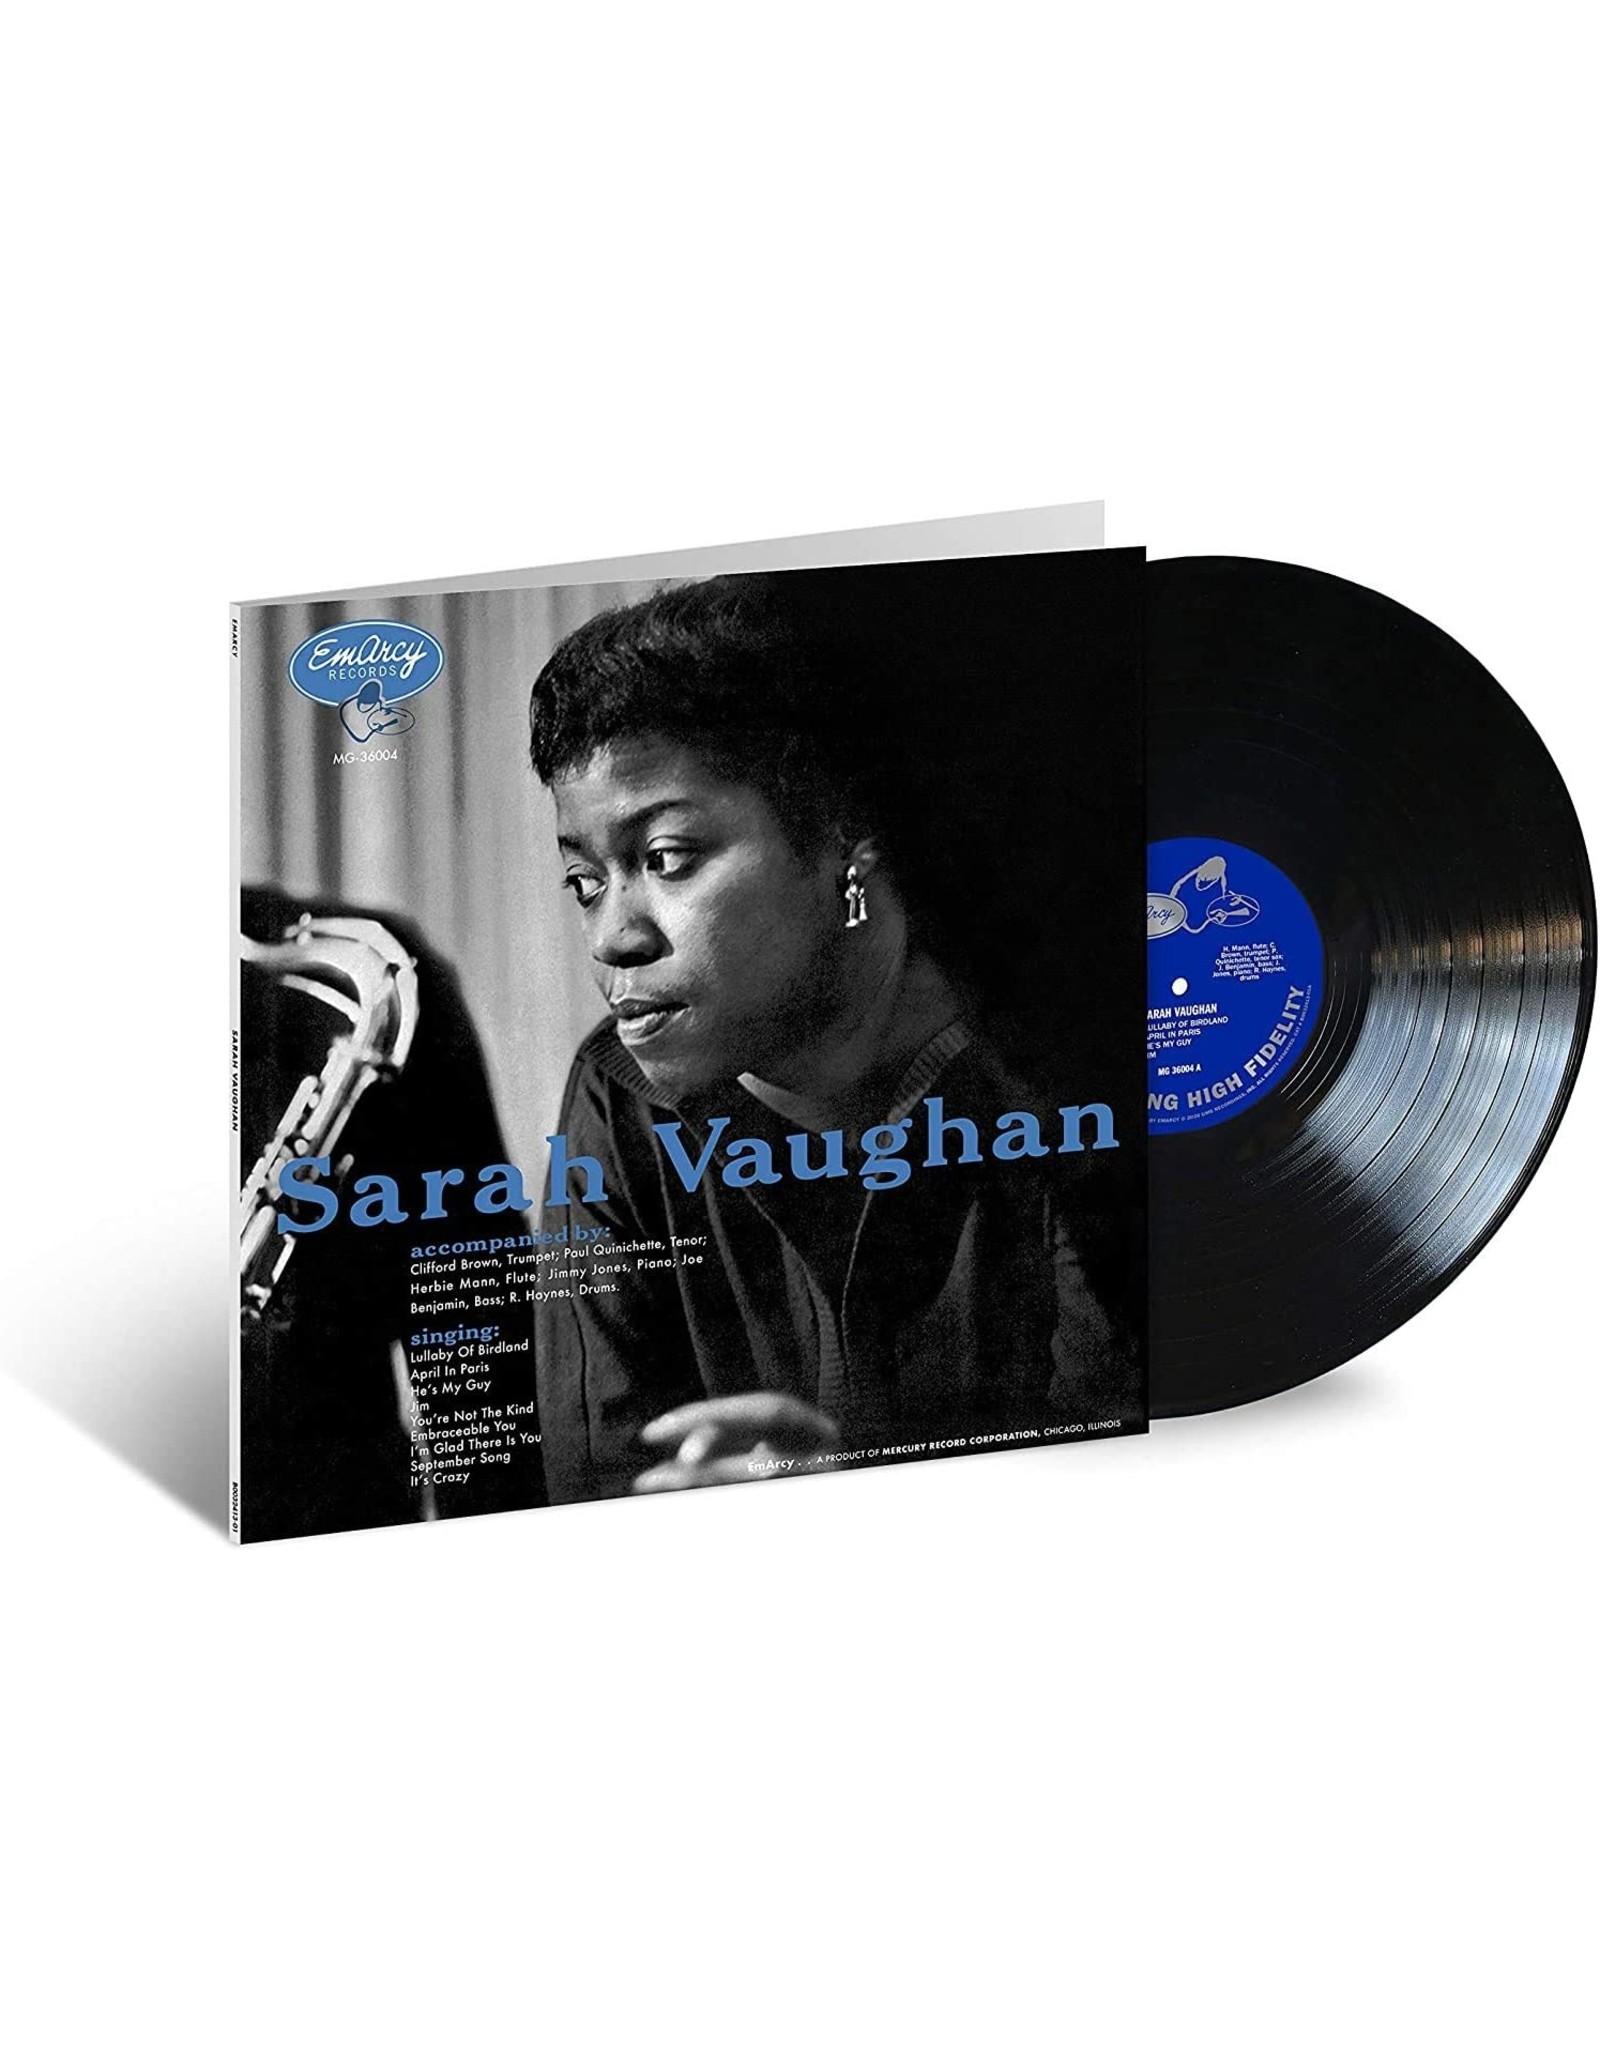 Sarah Vaughan / Clifford Brown - Sarah Vaughan (Verve Acoustic Sounds Series)